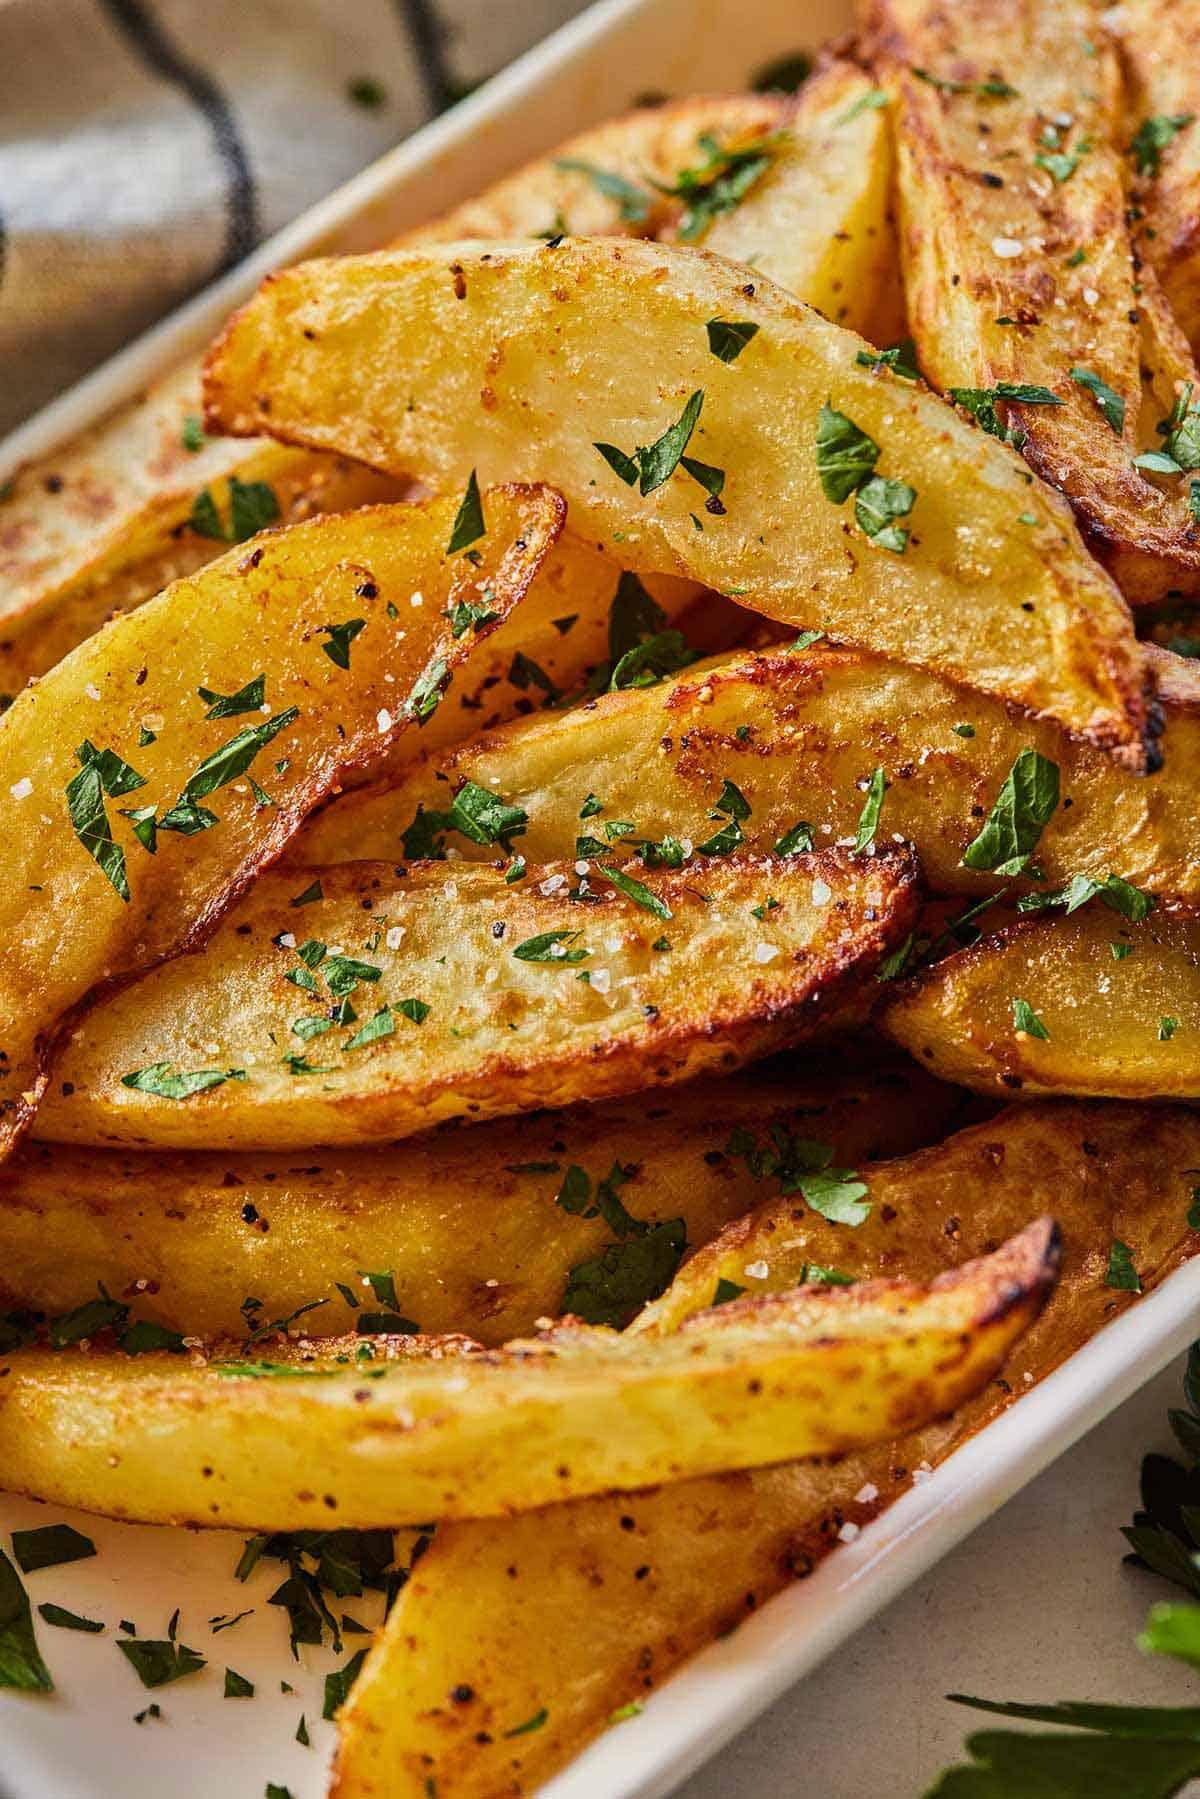 Close up image of crispy potato wedges with freshly chopped parsley as garnish.